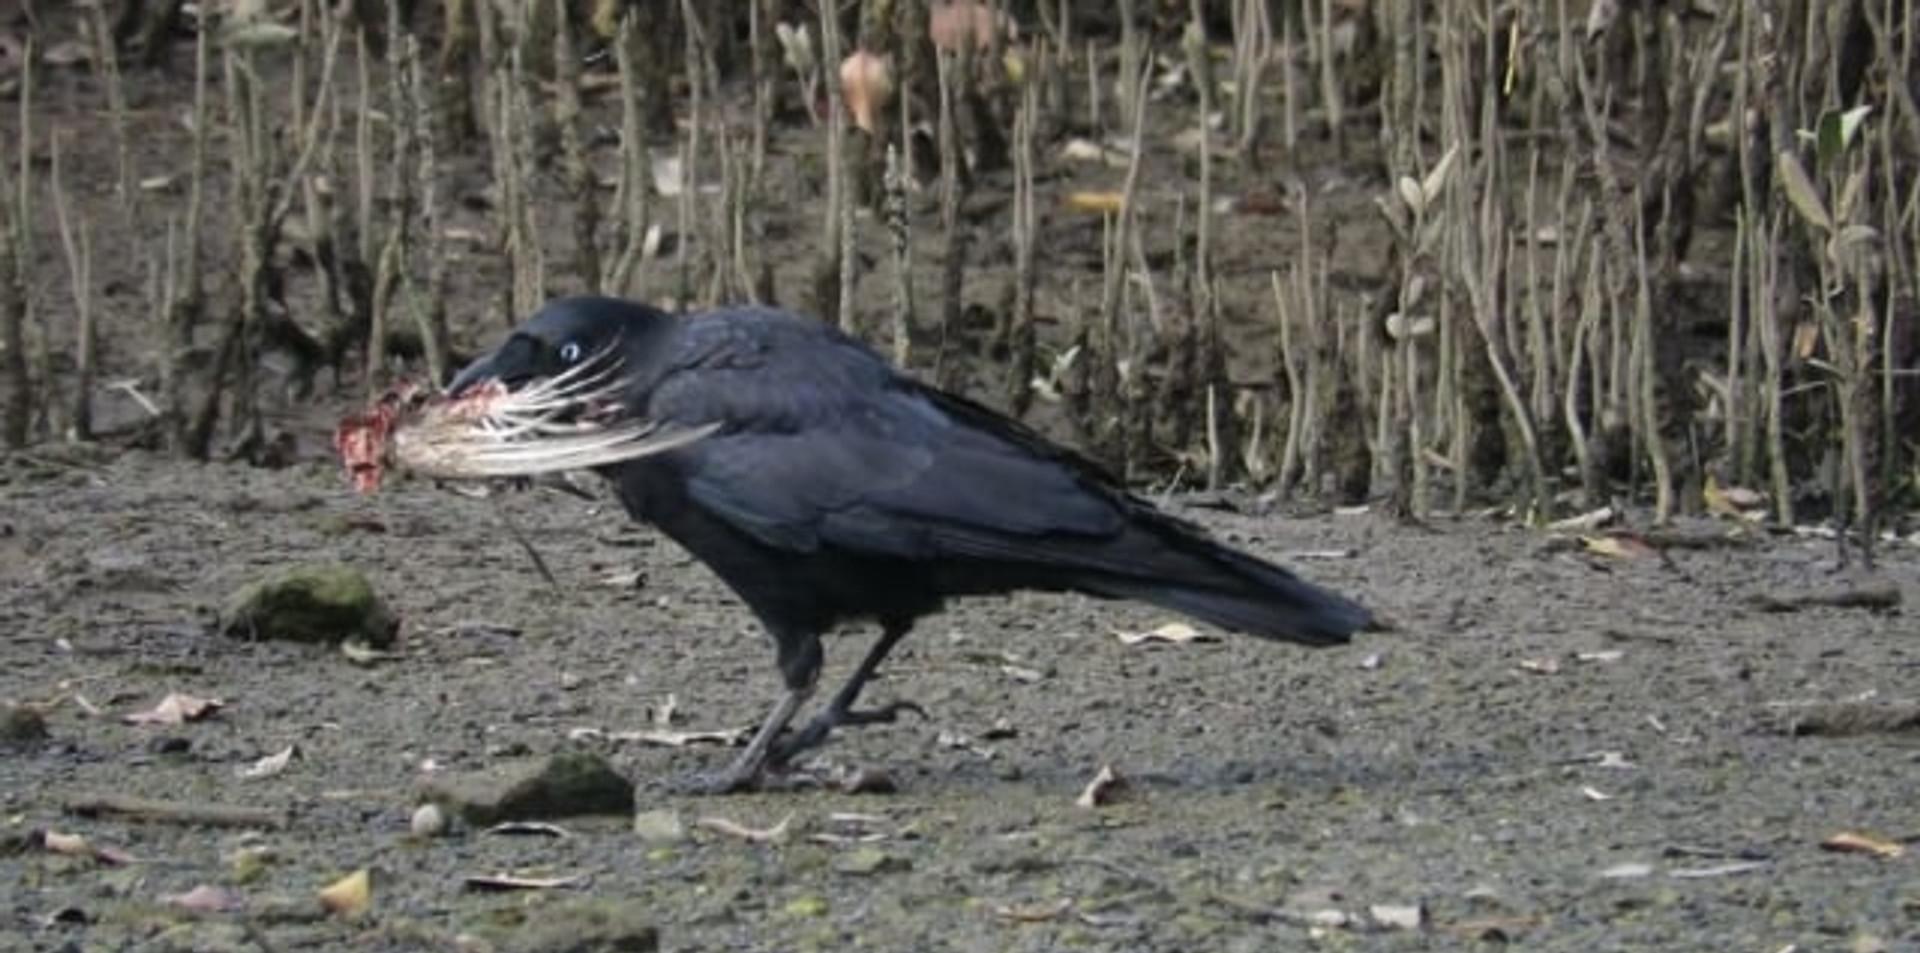 Adult Torresian Crow feeding